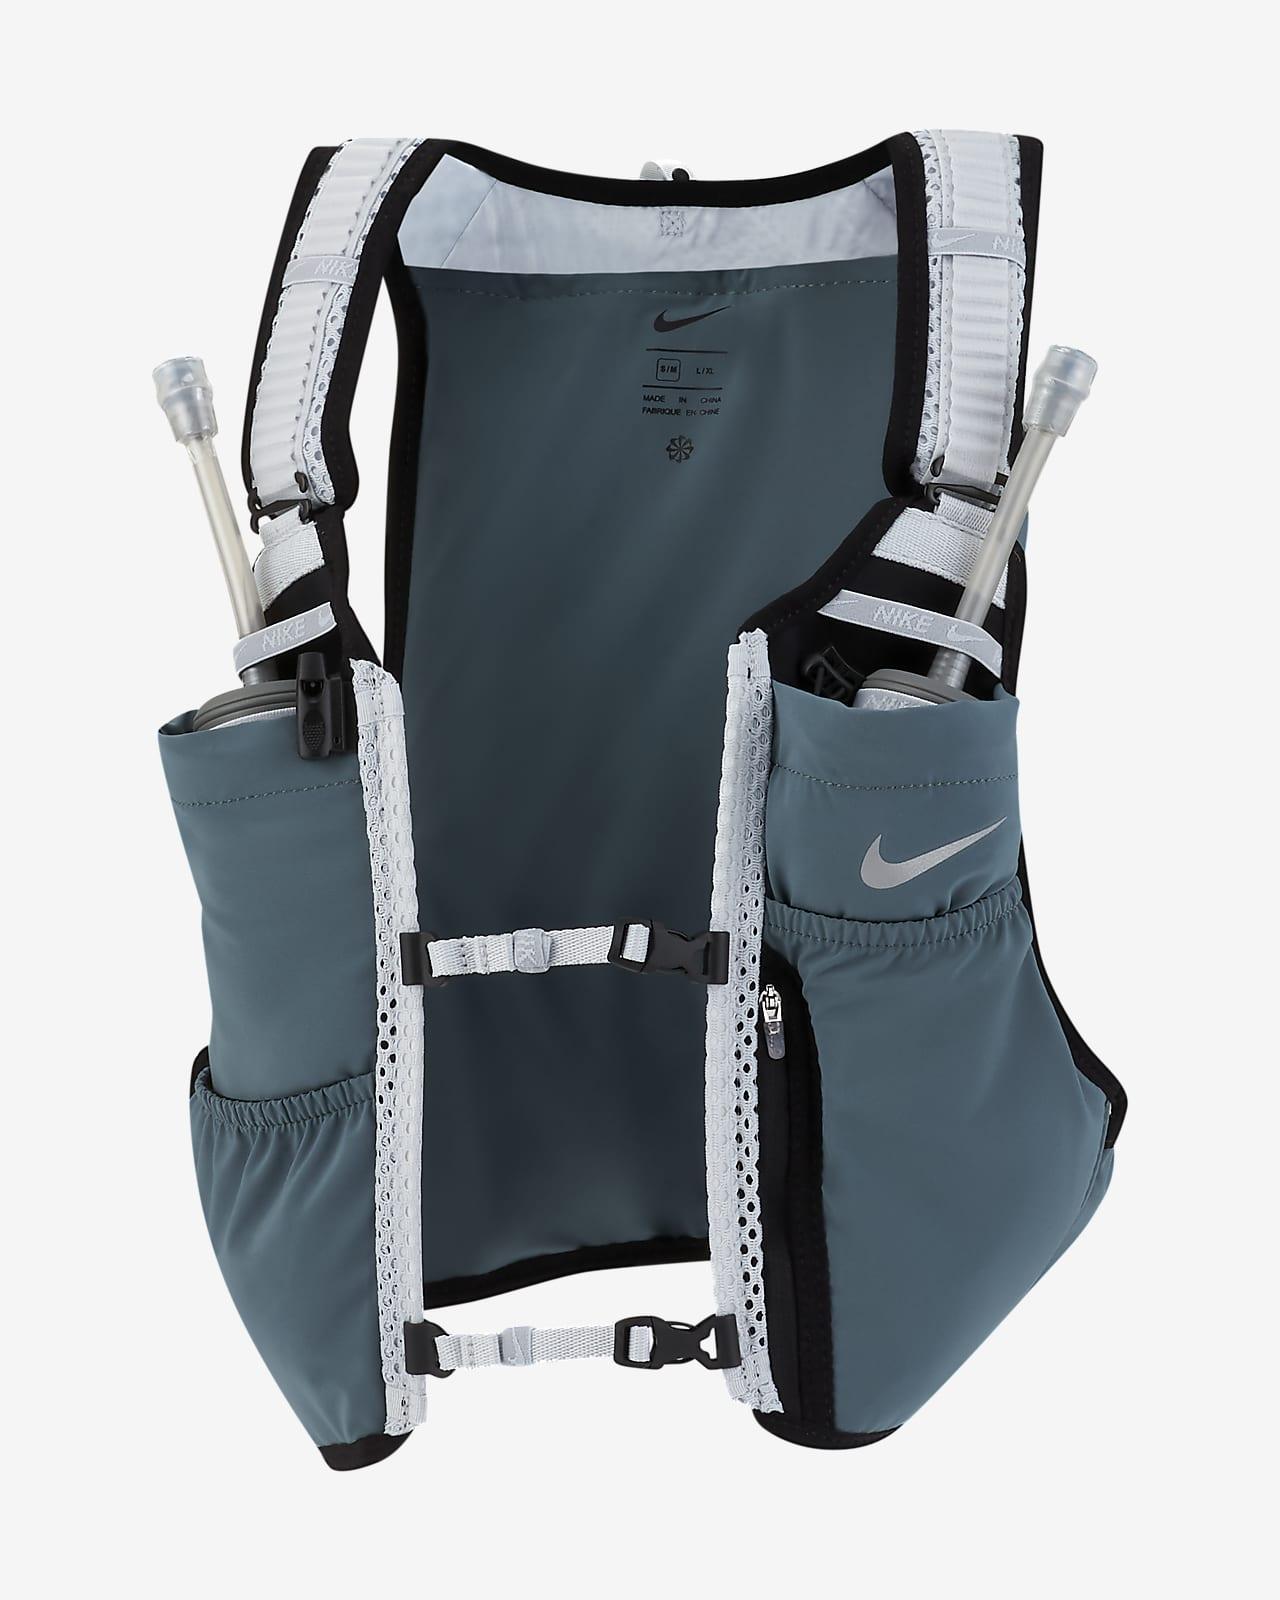 Ανδρικό αμάνικο τζάκετ για τρέξιμο Nike Kiger